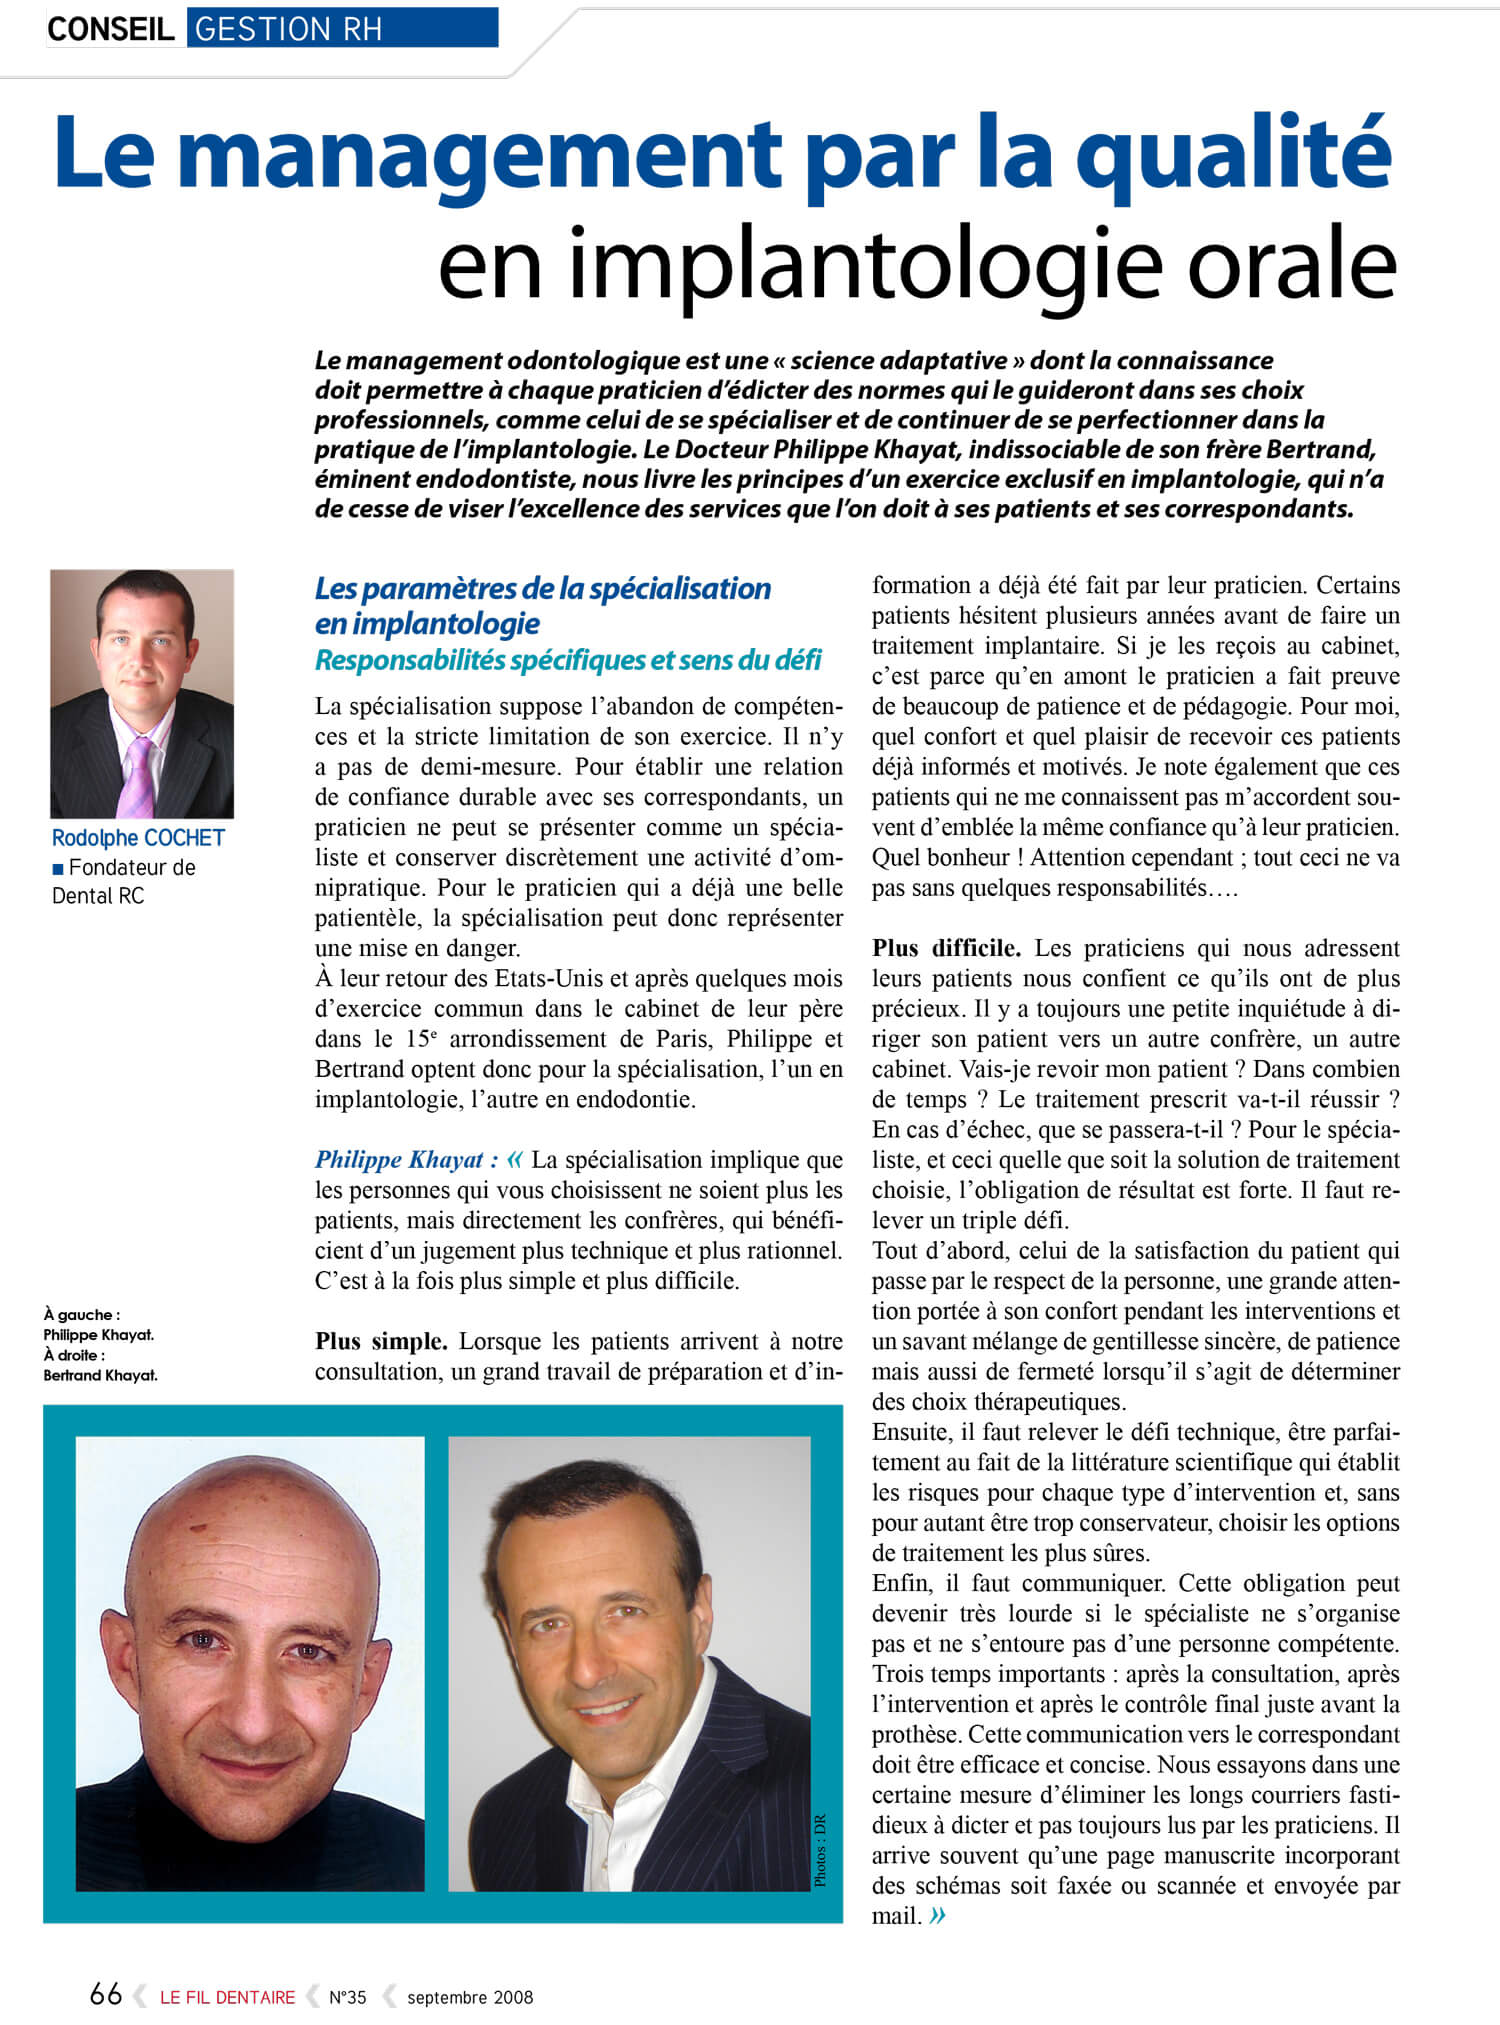 Le_Fil_Dentaire_Management_Implantologie_Orale_Philippe_Khayat_Rodolphe_Cochet.jpg